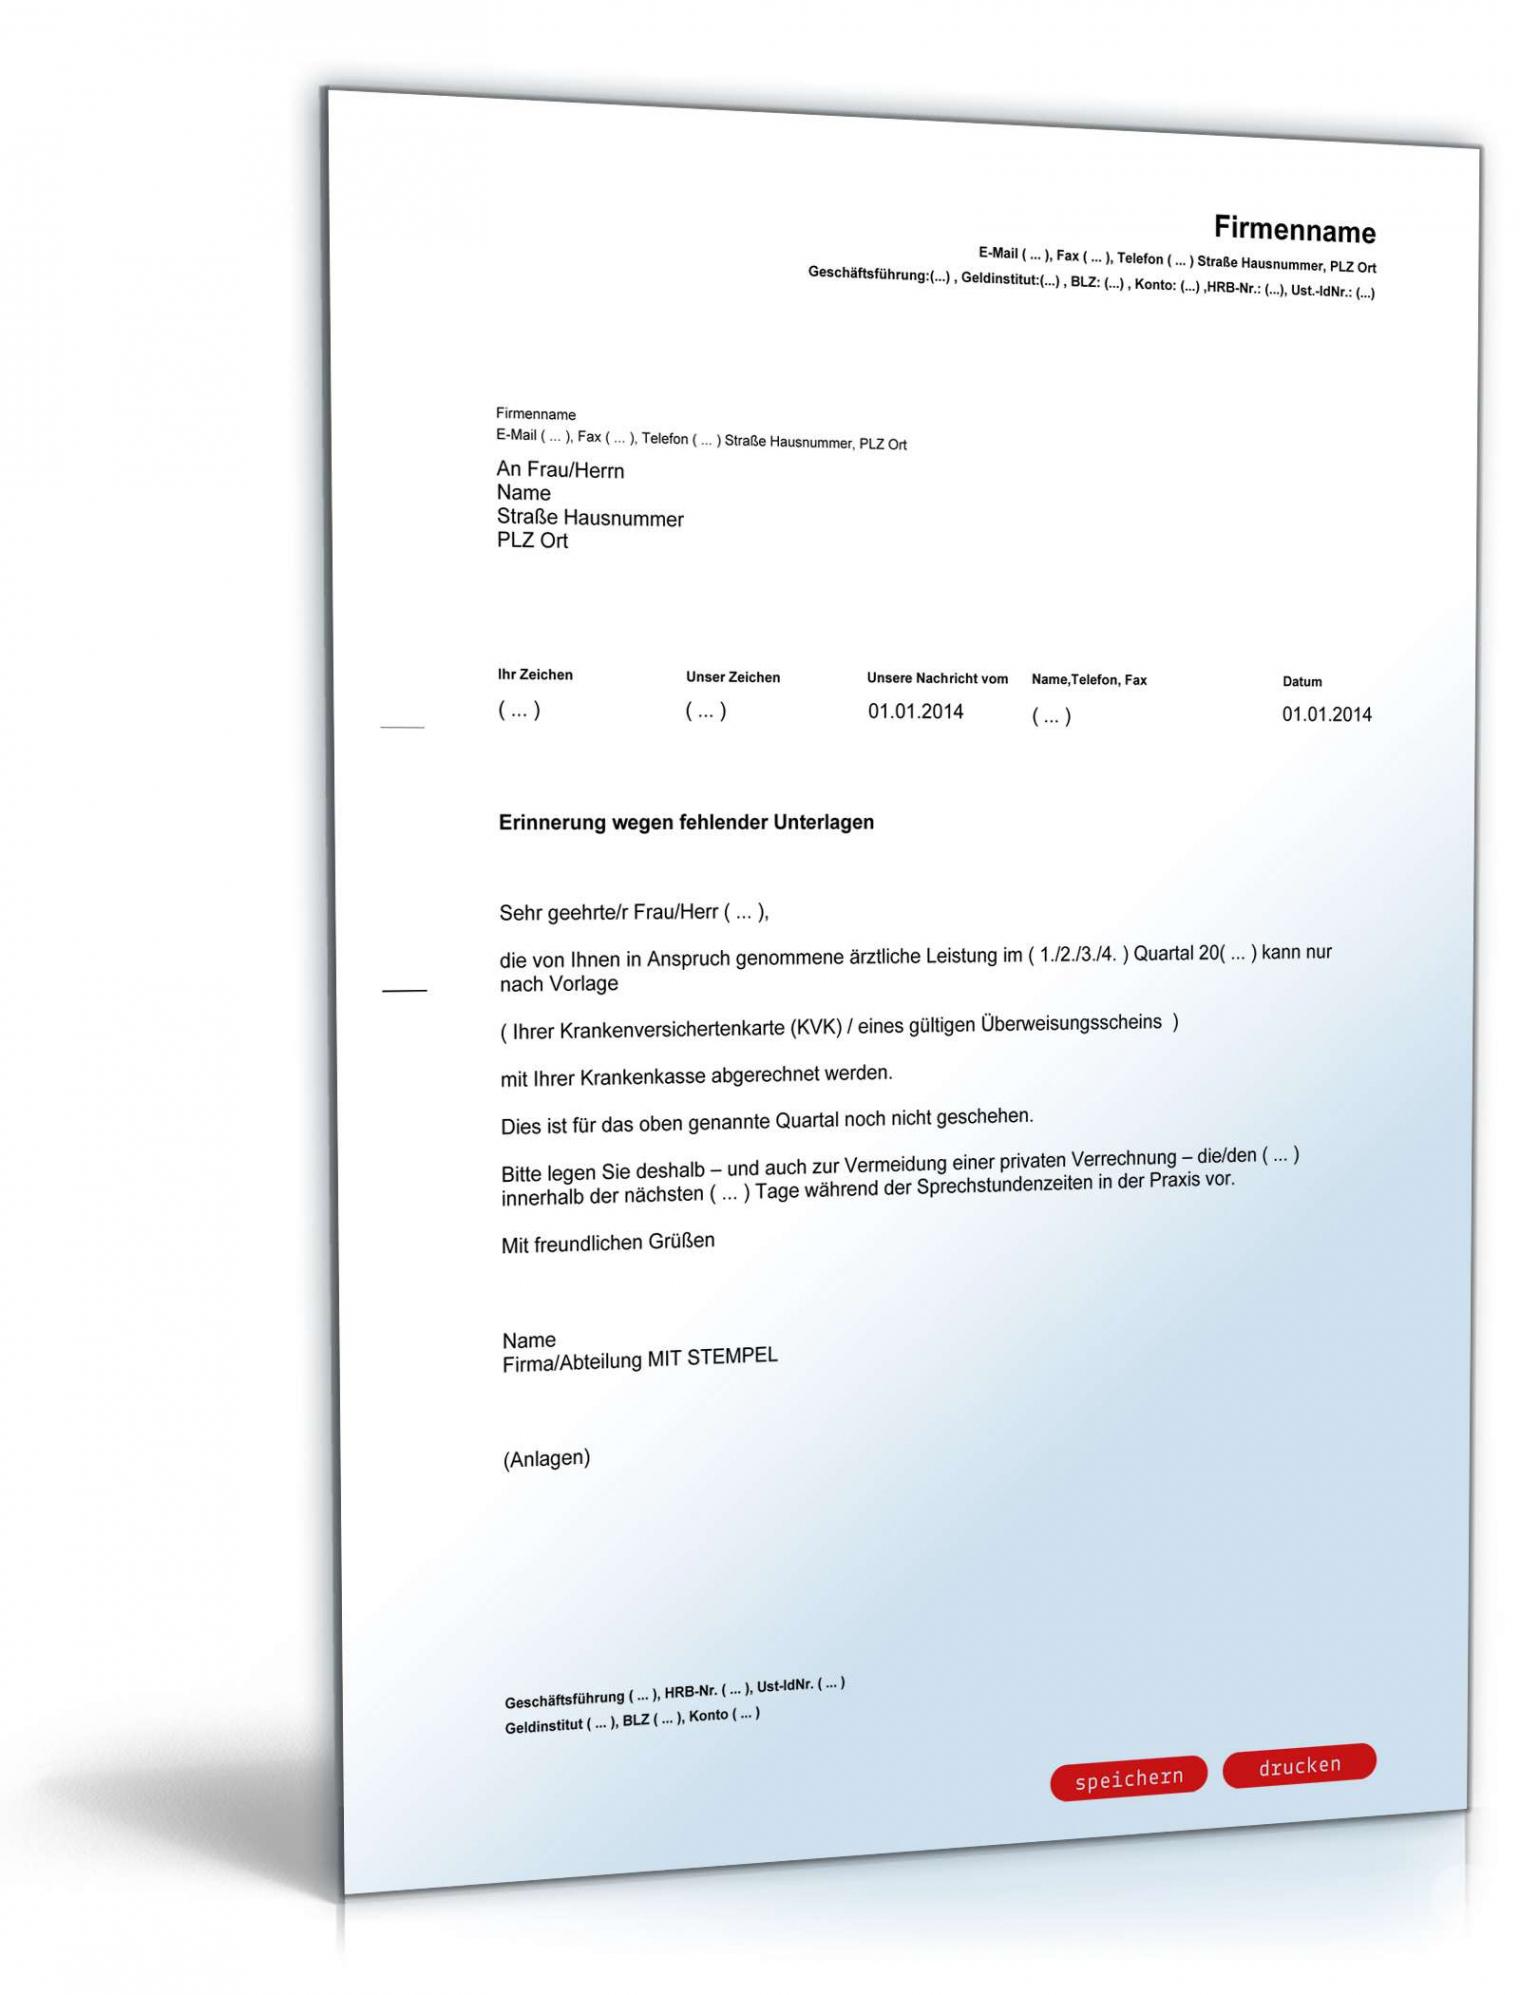 Sampler Bestätigung Arztbesuch Vorlage Excel Bearbeitbar